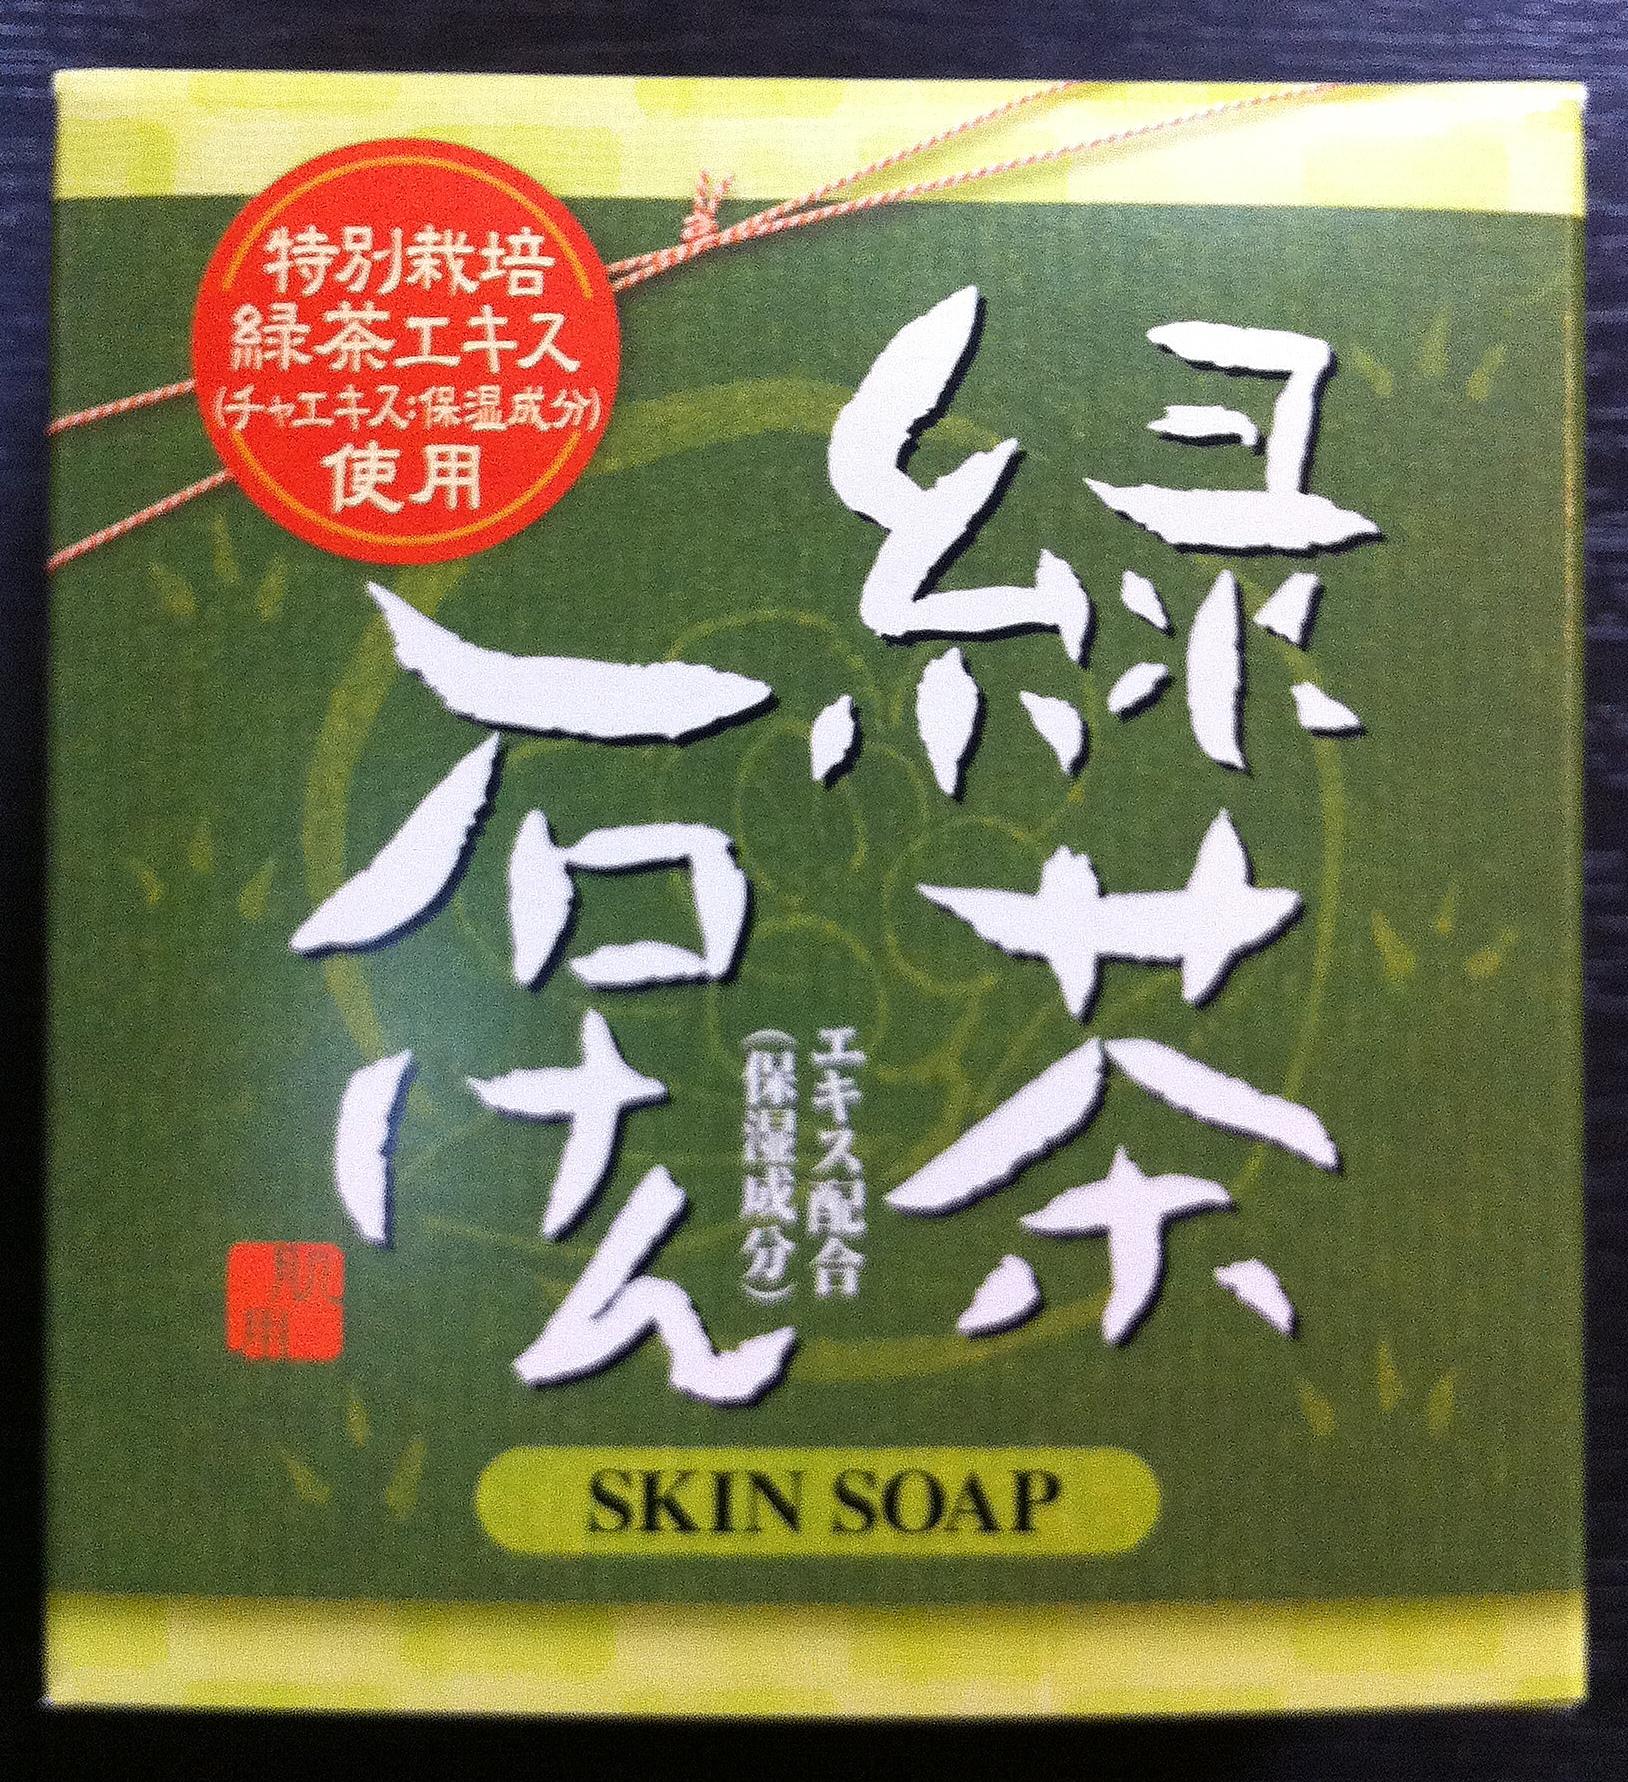 抗菌、清潔肌。うるおい美肌。緑茶石けん